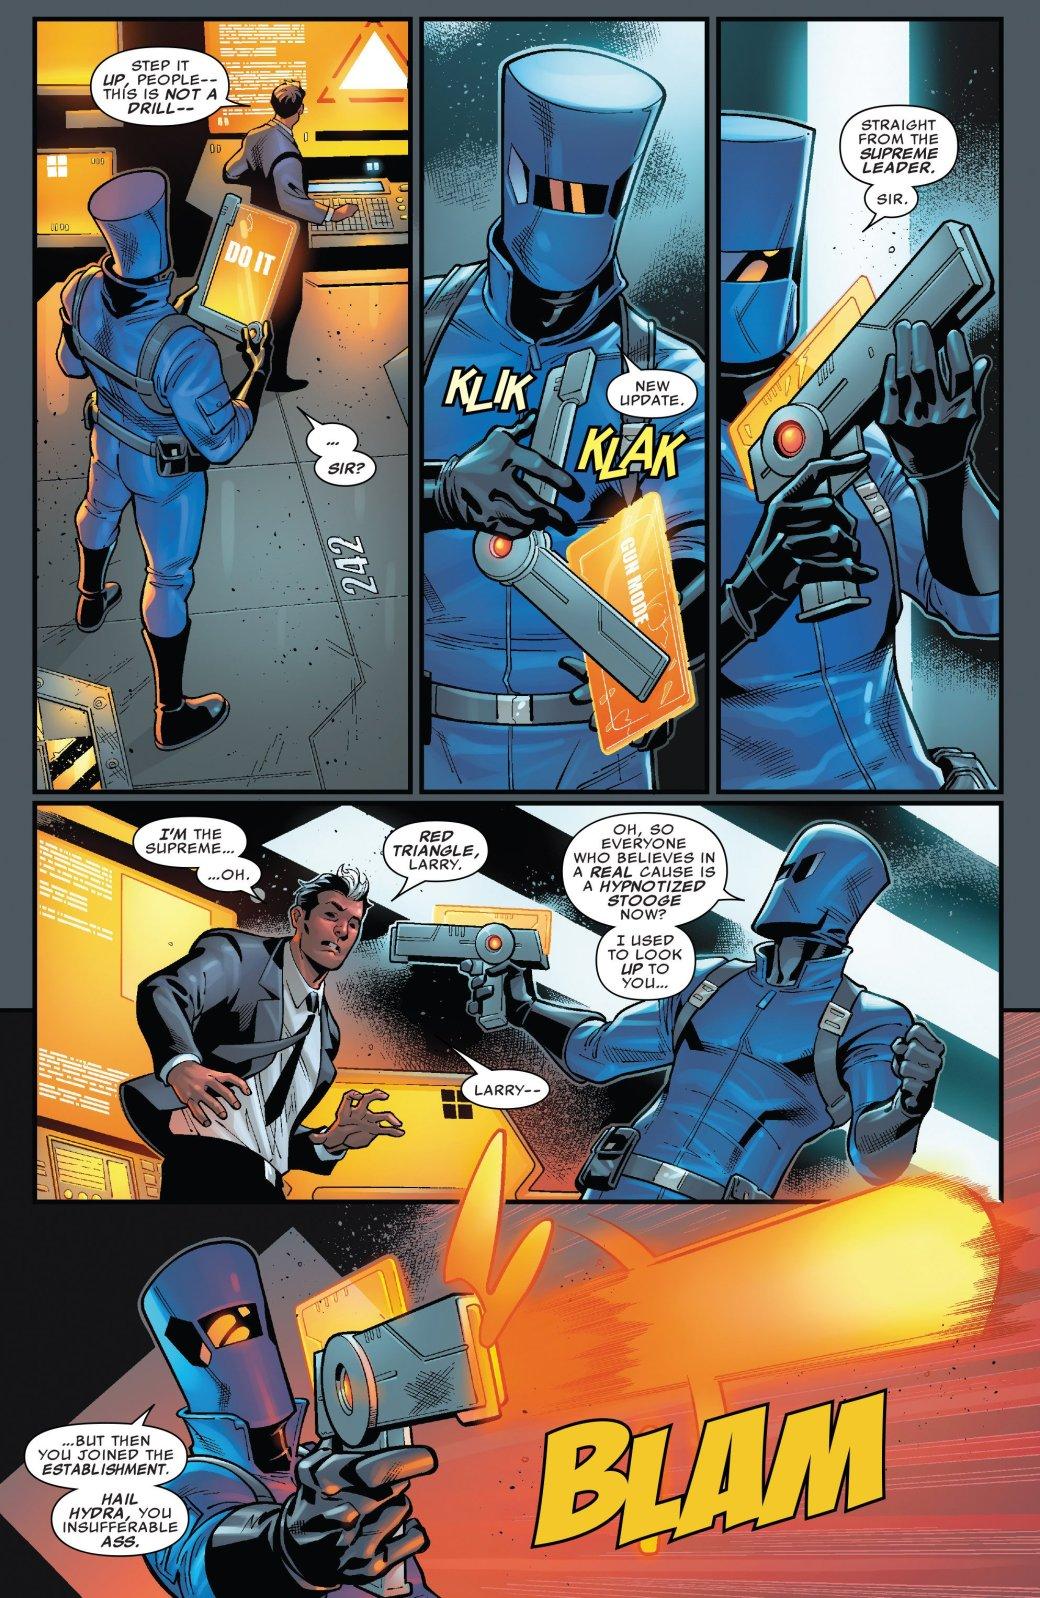 Secret Empire: Гидра сломала супергероев, и теперь они готовы убивать. - Изображение 21